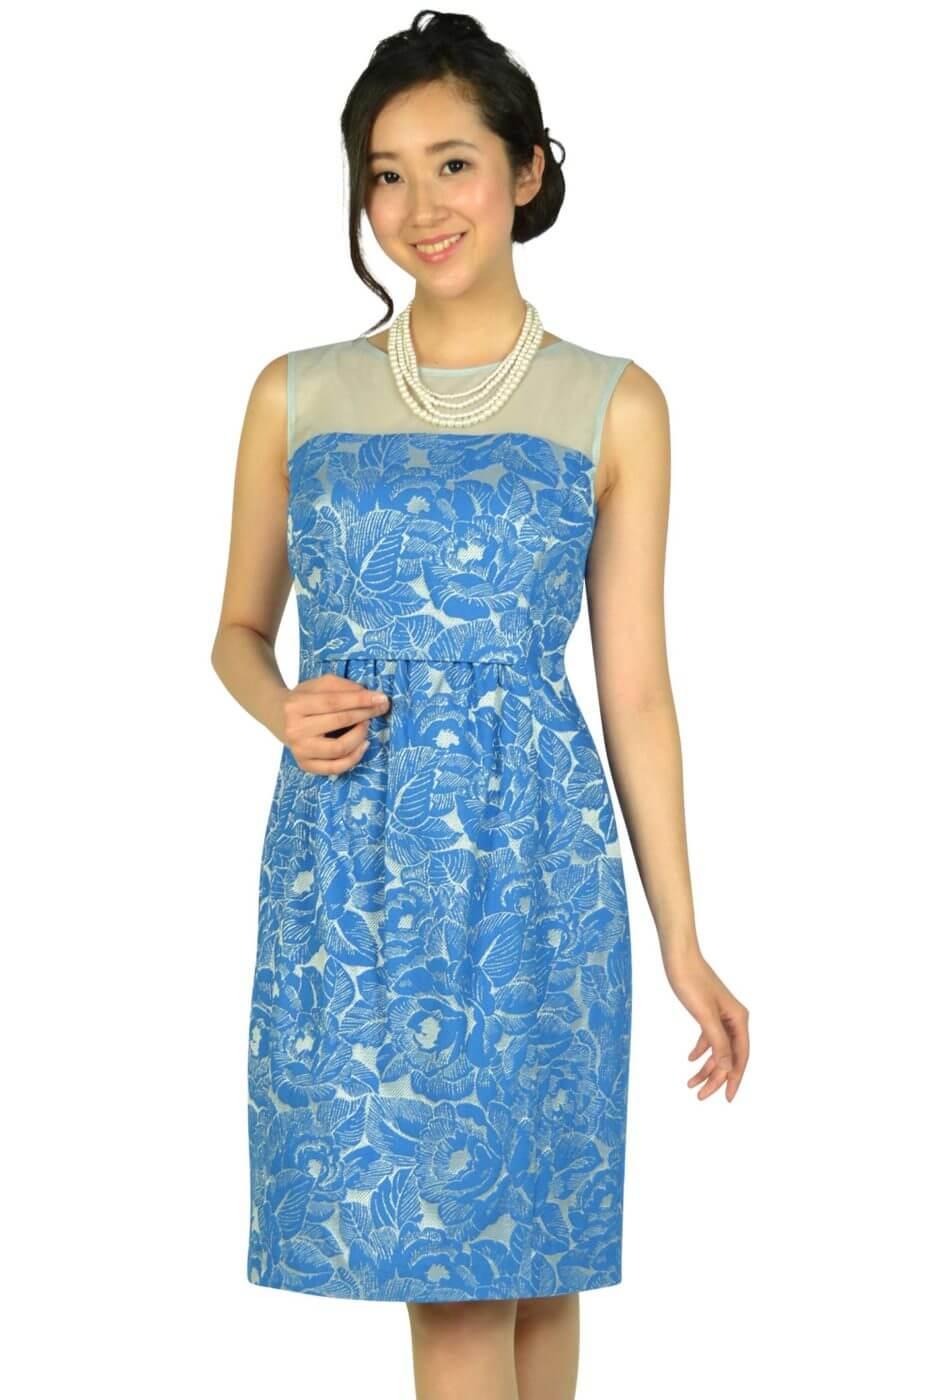 プリフェレンズパーティーズ(PREFERENCE PARTY'S) フラワー刺繍ブルードレス